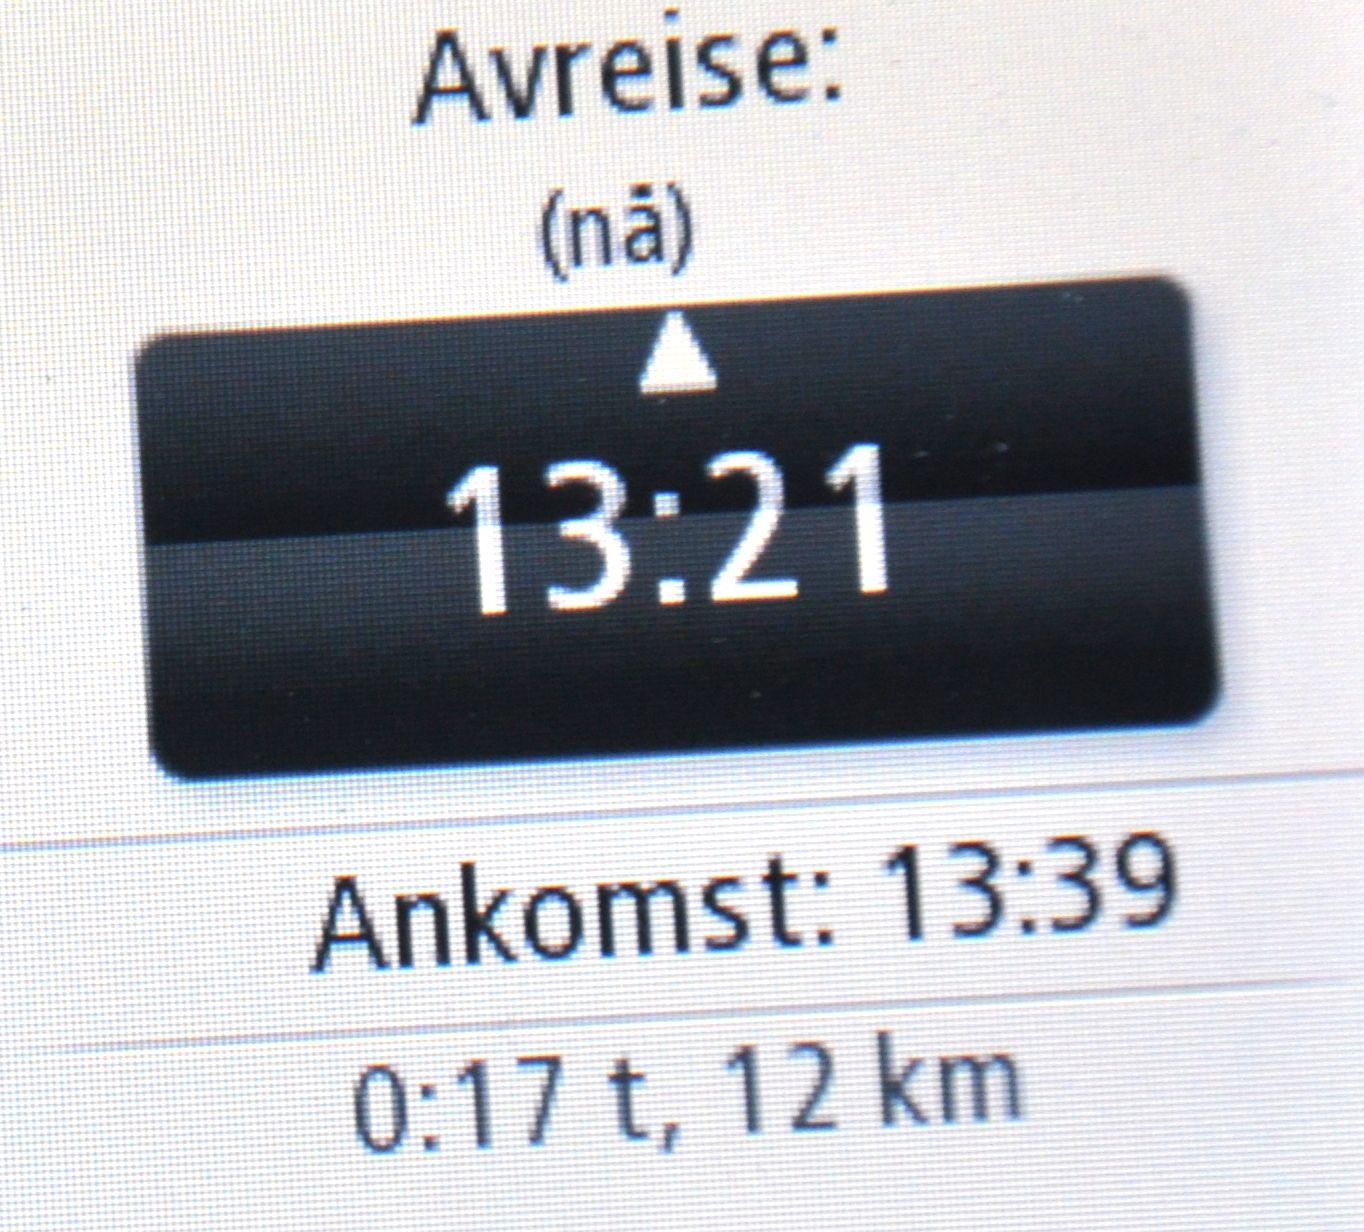 Du kan velge når du vil komme fram, og GPS-en forteller deg når du må kjøre for å rekke det.